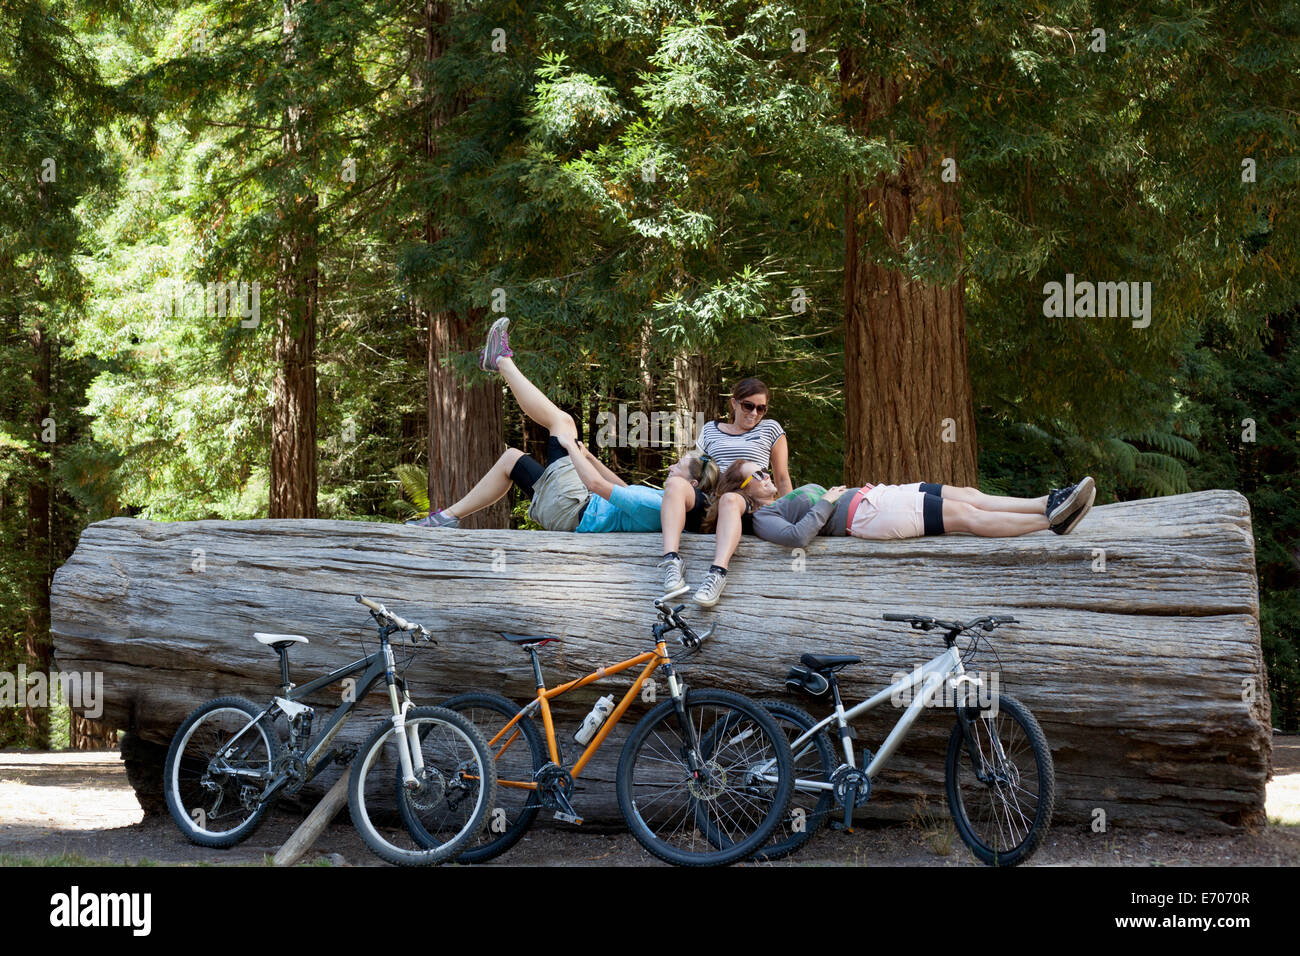 Three women mountain bikers taking a break on tree trunk in forest - Stock Image